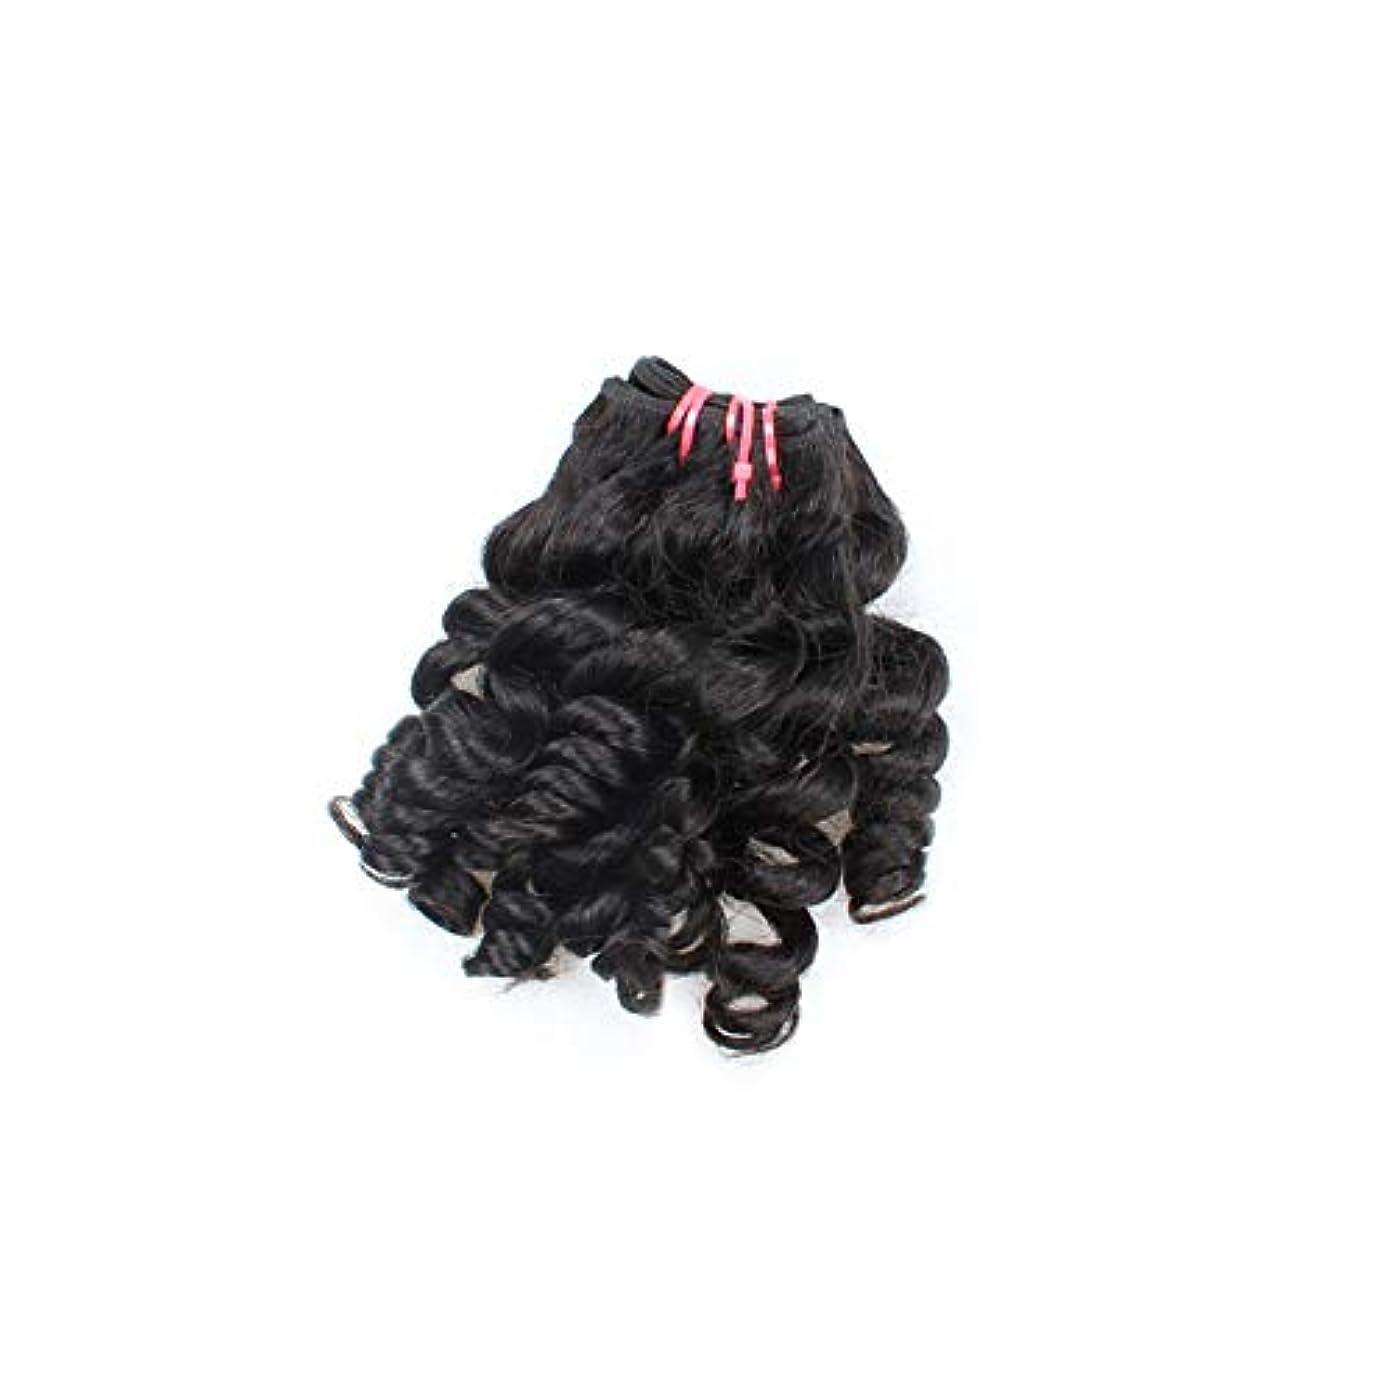 いくつかのプログレッシブ通信するWASAIO 閉鎖ボディリアルなブラックカラーで、ブラジルのカーリー人間の髪バンドルワンタンウェーブウィーブ (色 : 黒, サイズ : 18 inch)